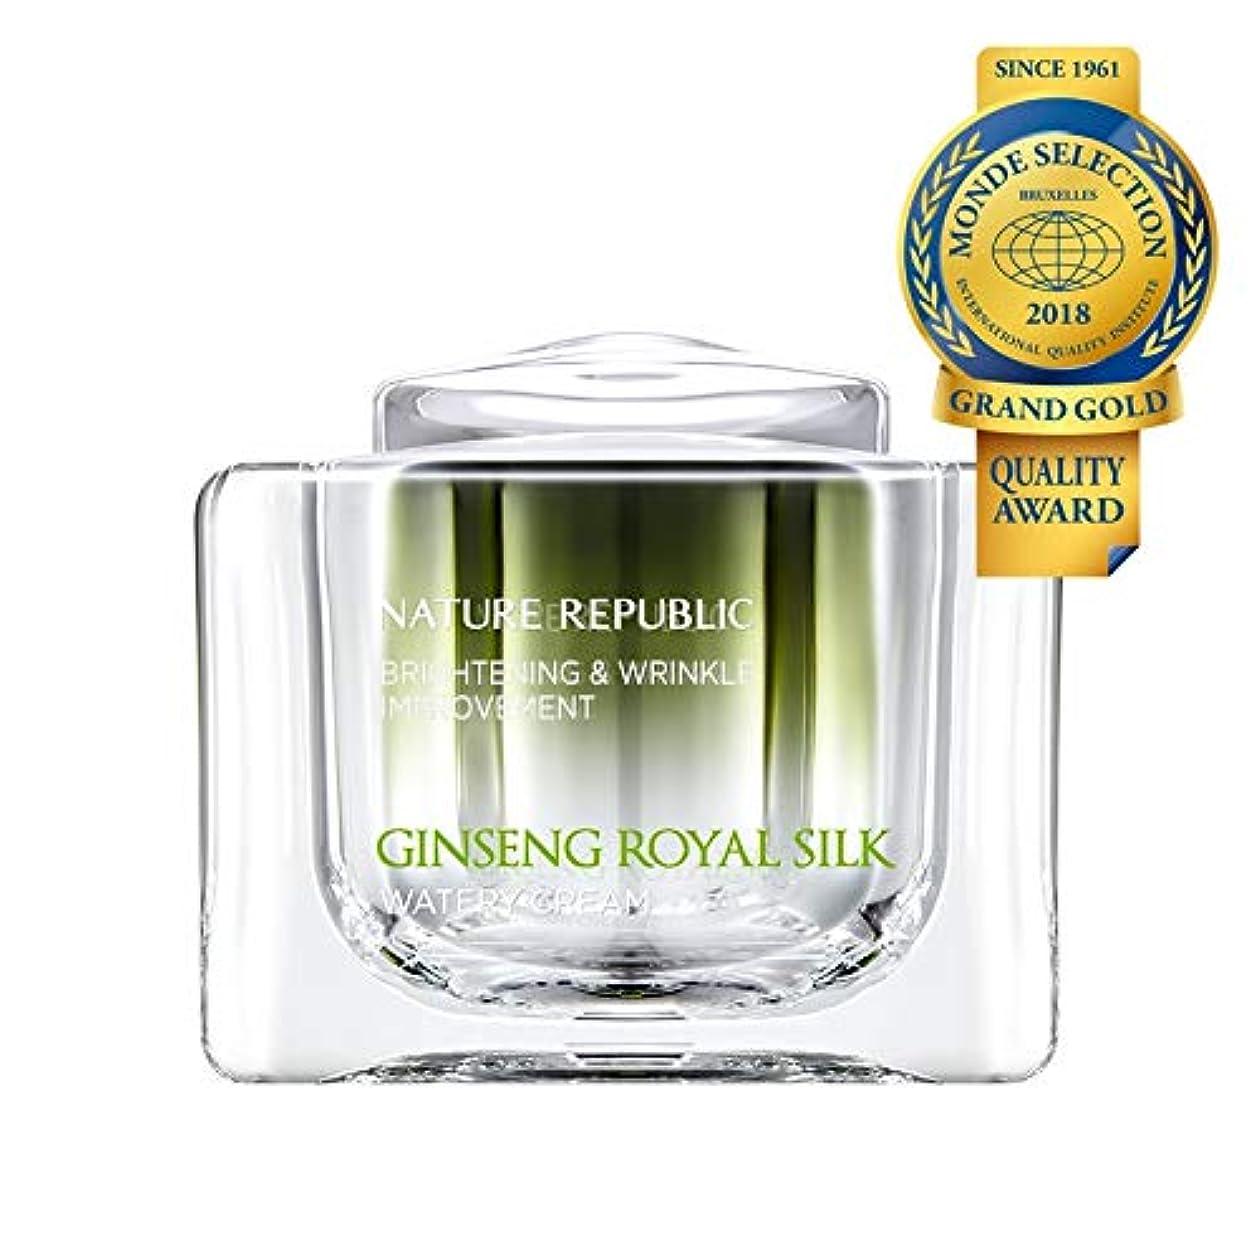 交流するスポーツマン控えめなネイチャーリパブリック(Nature Republic)ジンセンロイヤルシルクウォーターリークリーム 60g / Ginseng Royal Silk Watery Cream 60g :: 韓国コスメ [並行輸入品]